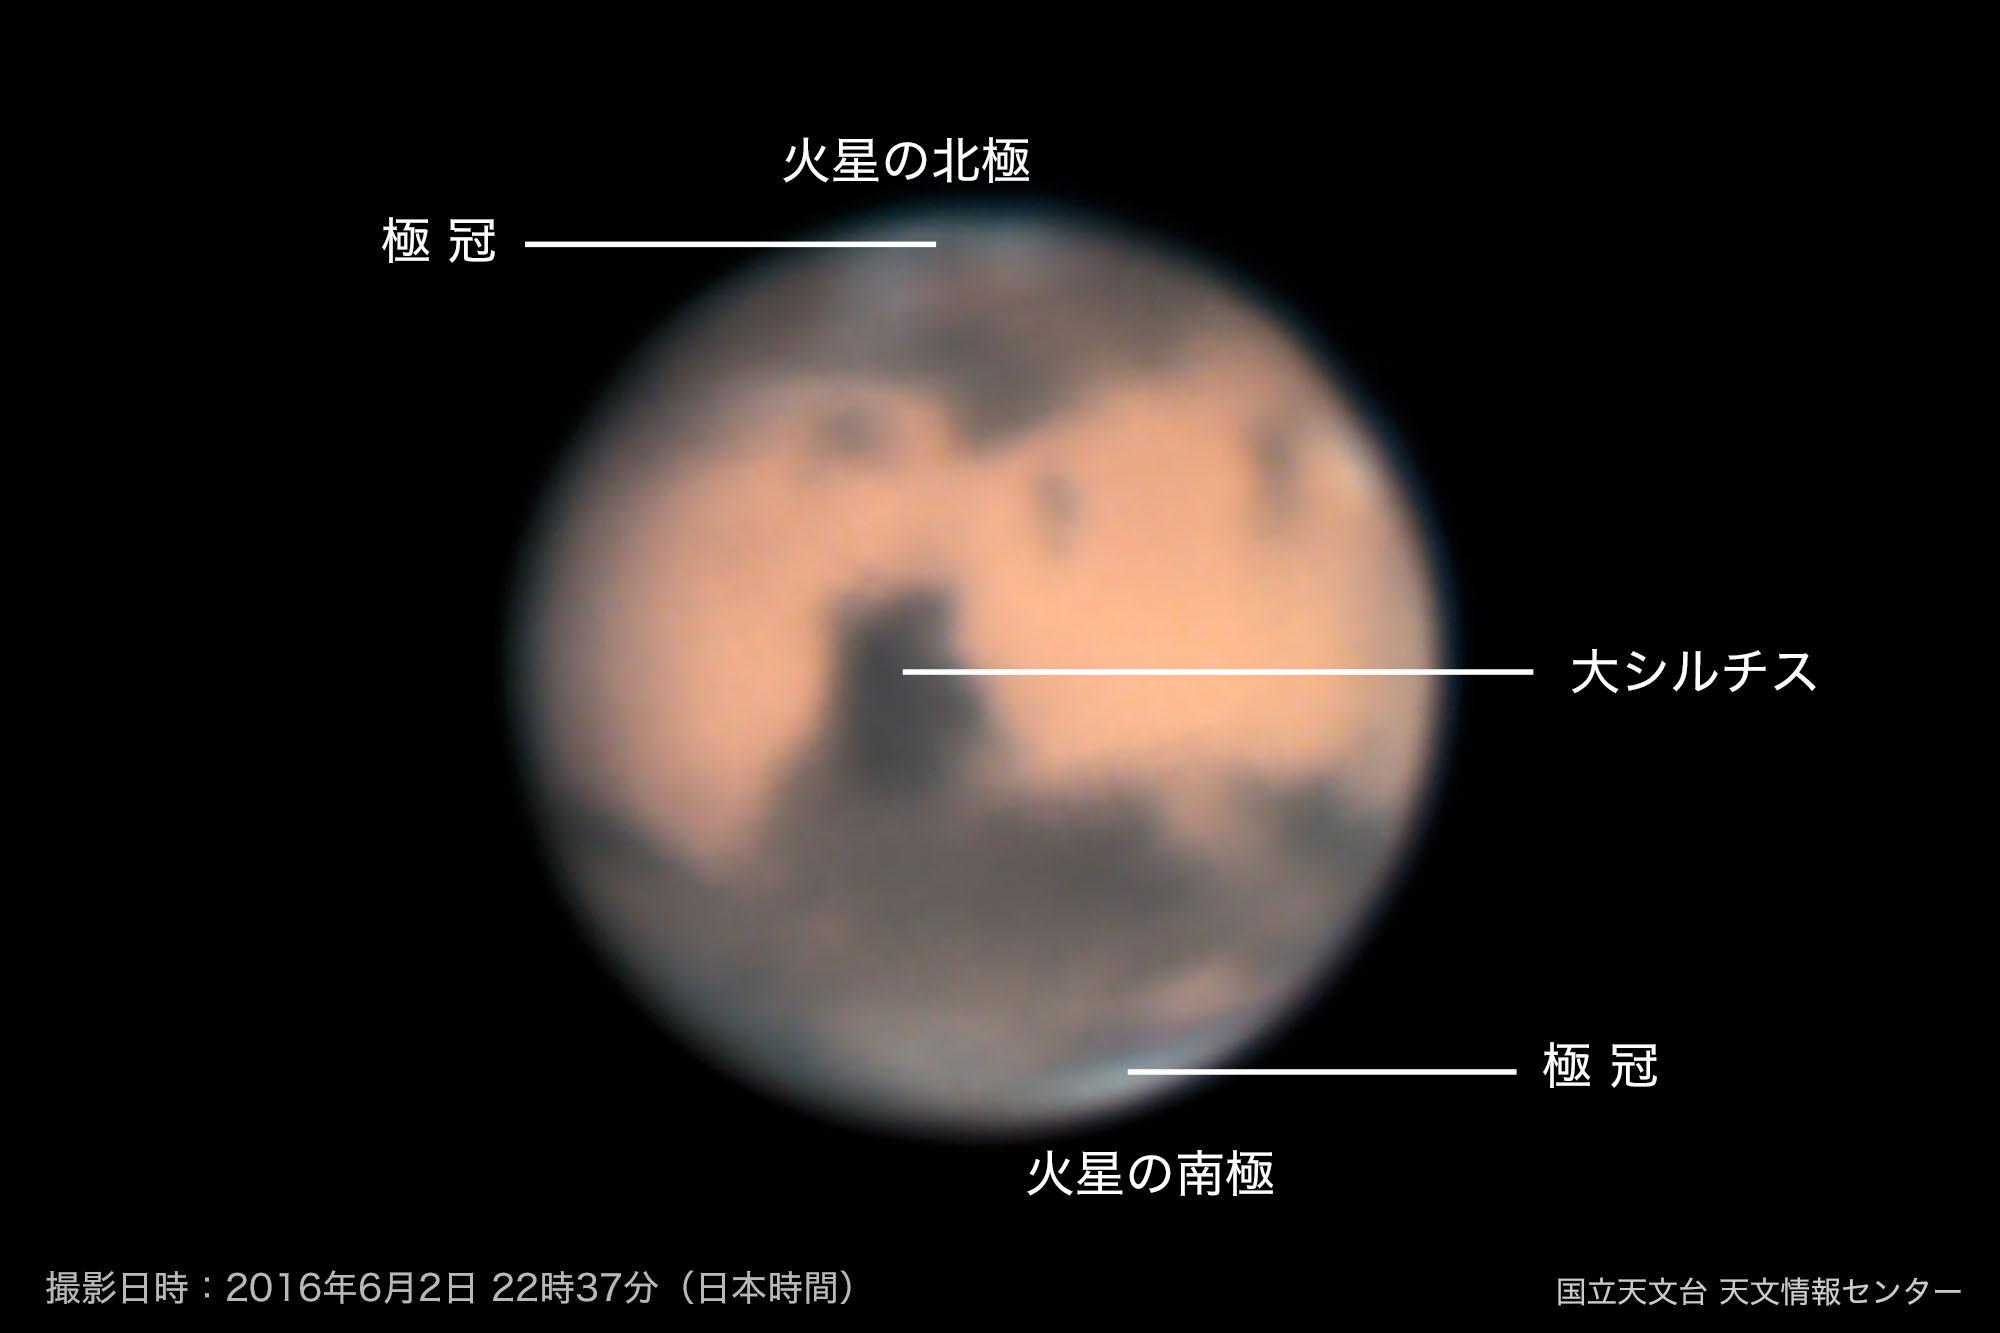 火星の模様